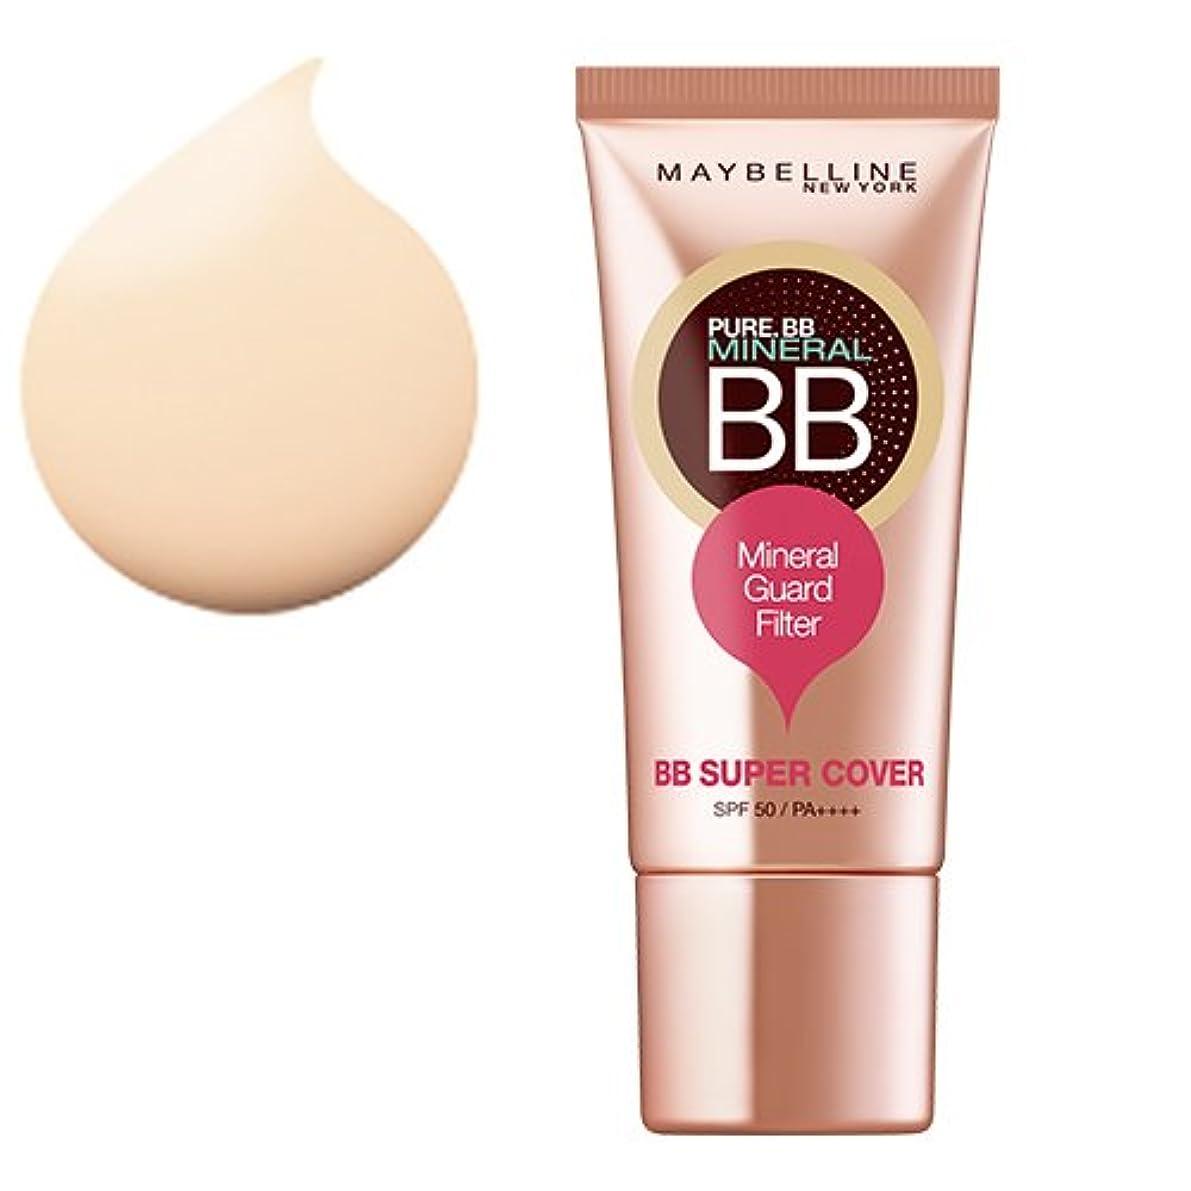 複製する独立したオークメイベリン BBクリーム ピュアミネラル BB SP カバー 01 ナチュラル ベージュ